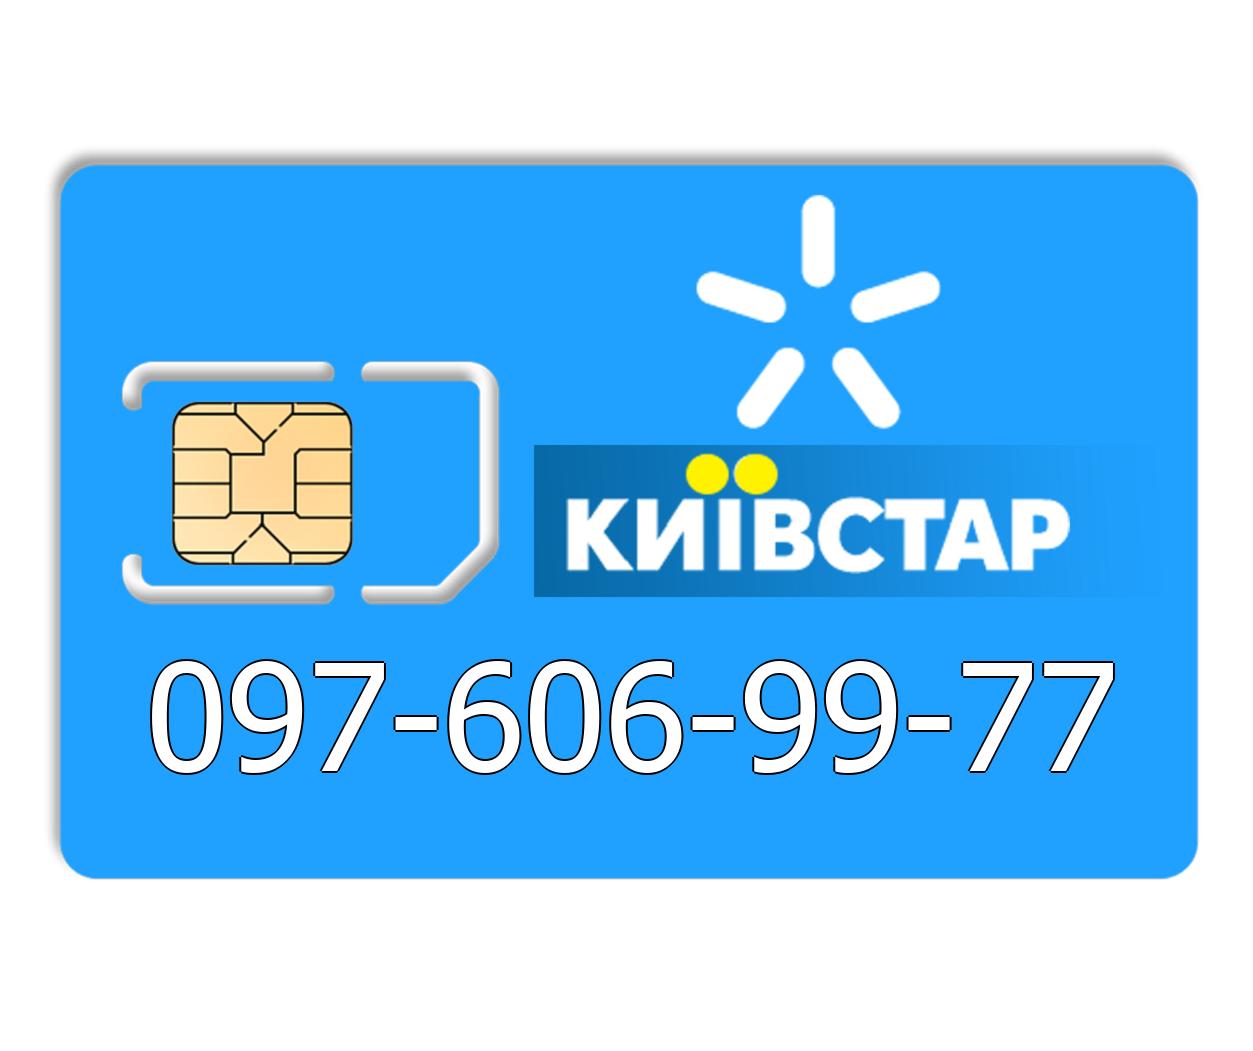 Красивый номер Киевстар 097-606-99-77